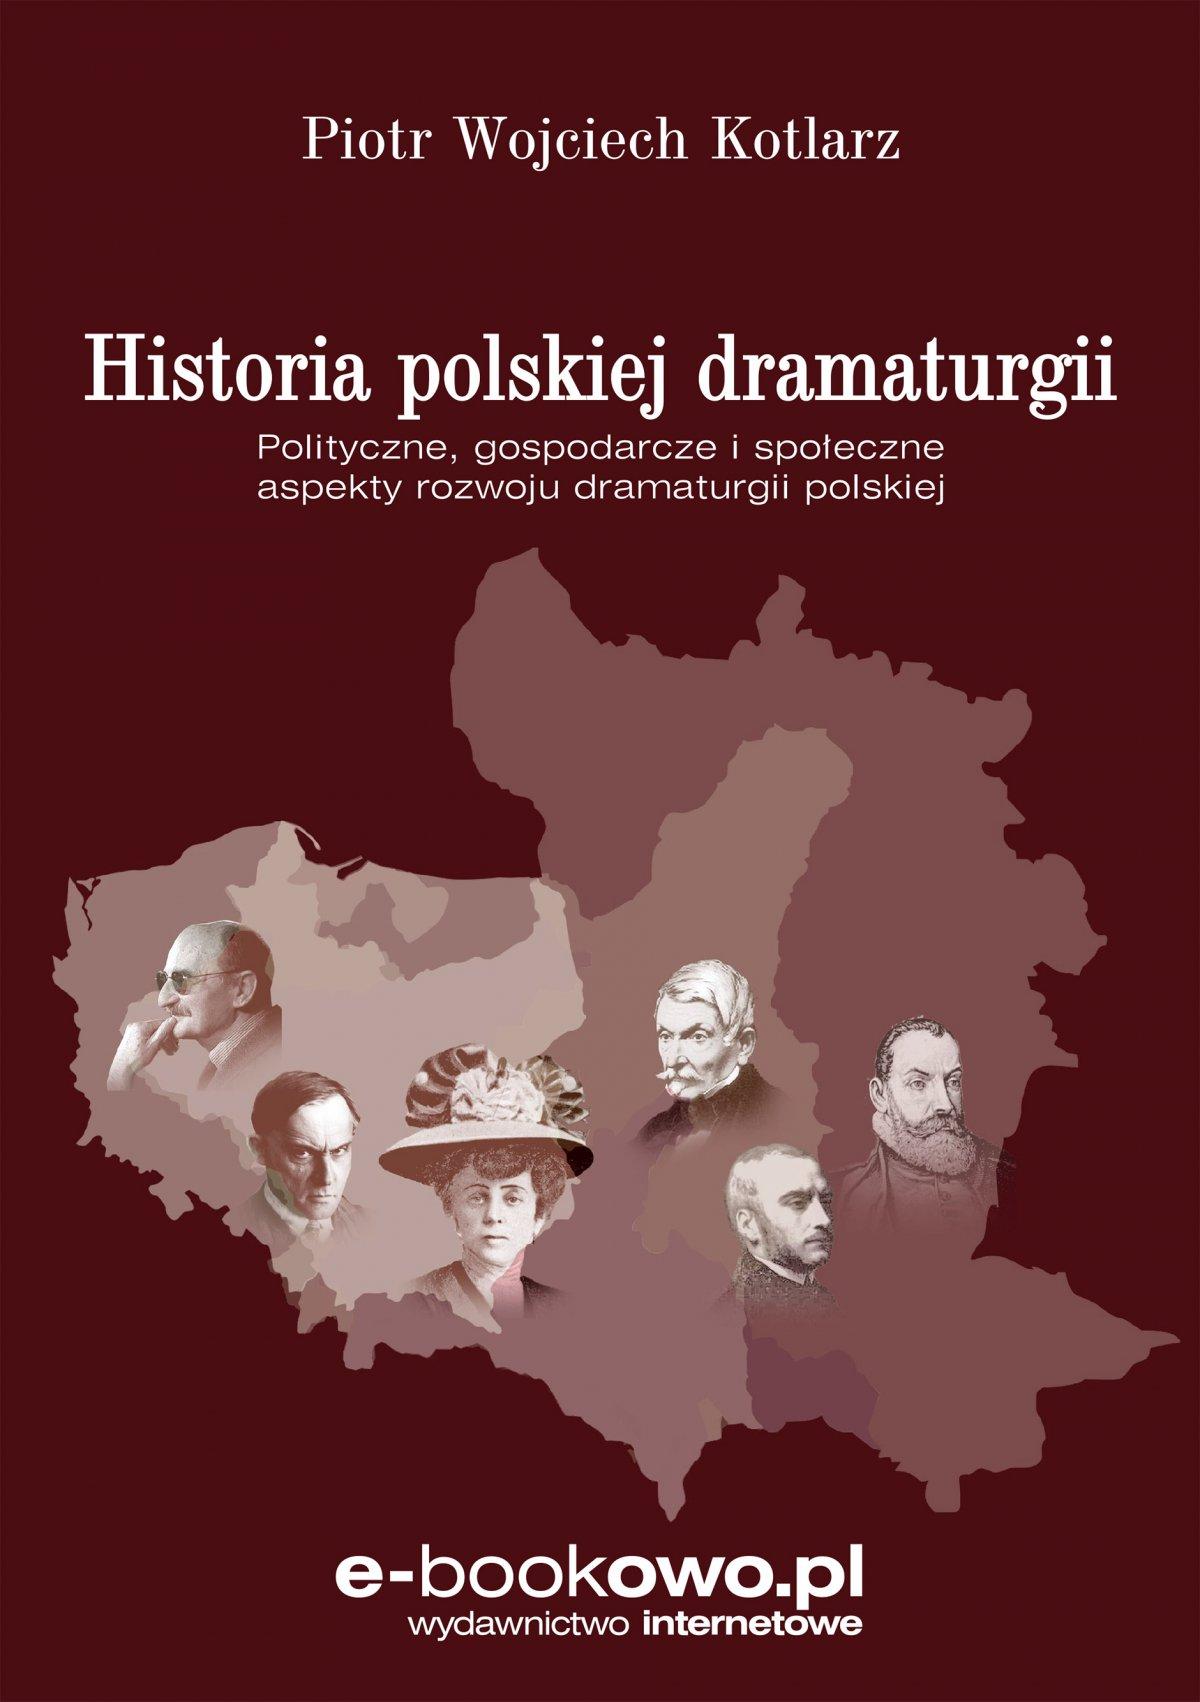 Historia polskiej dramaturgii Polityczne, gospodarcze i społeczne aspekty rozwoju dramaturgii polskiej - Ebook (Książka PDF) do pobrania w formacie PDF